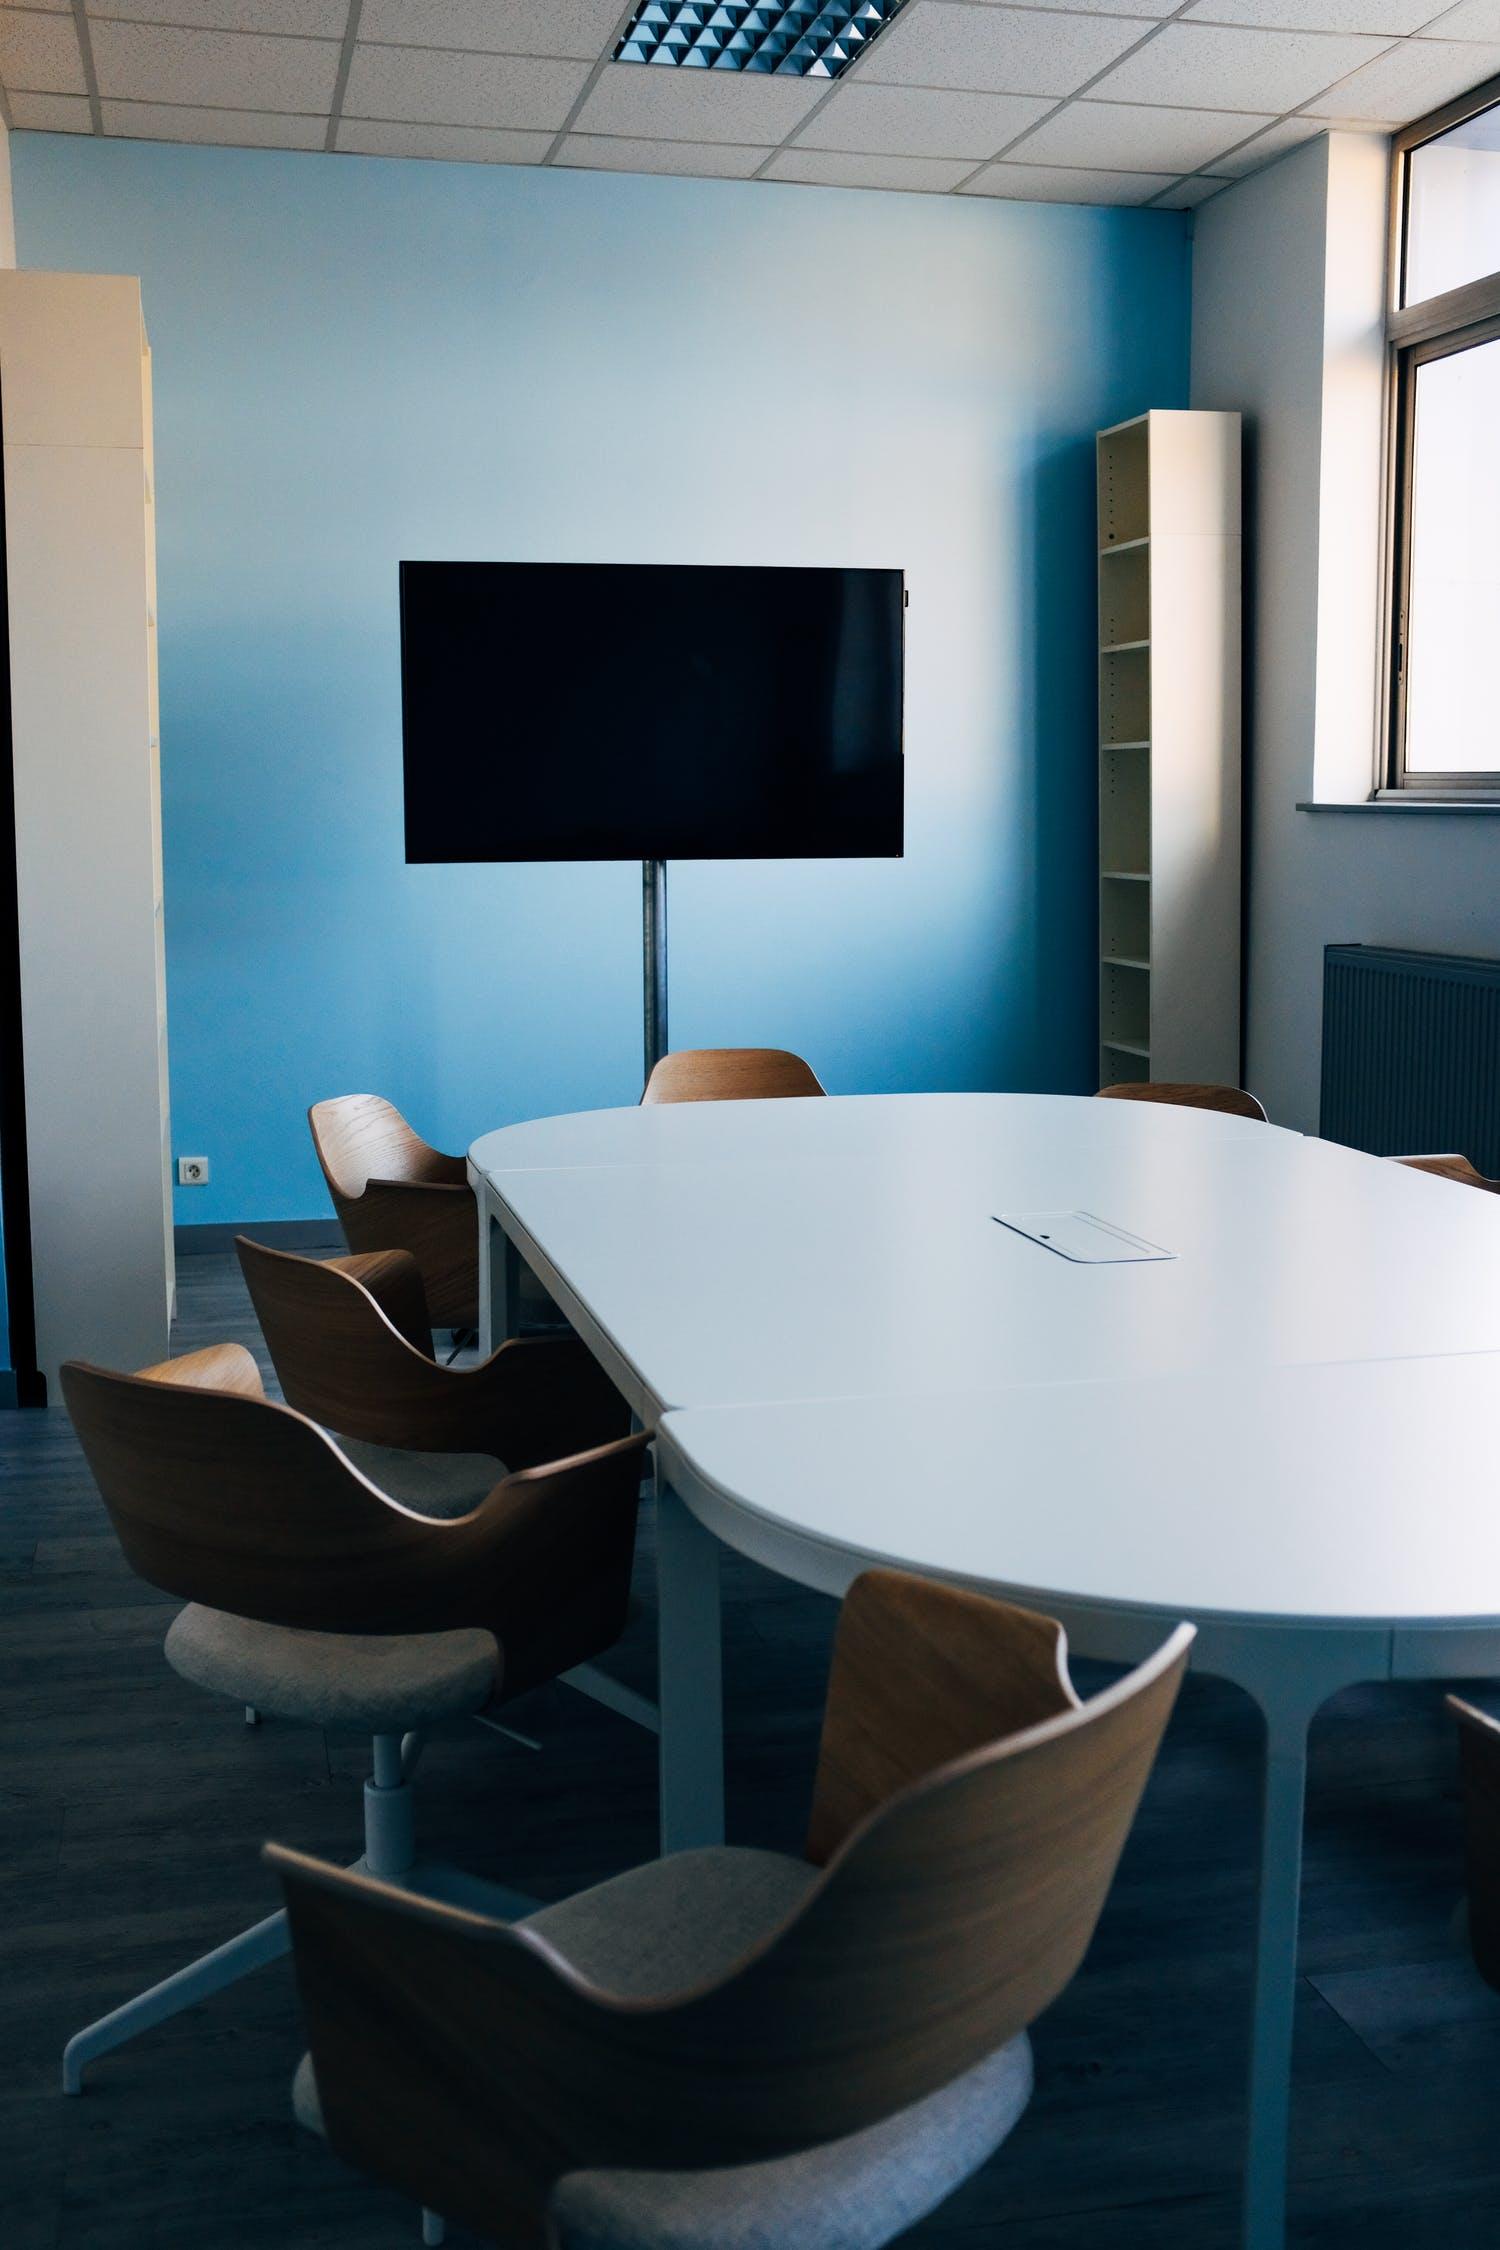 Oficina , undefined - Oficinas equipadas en Madrid, España - 20